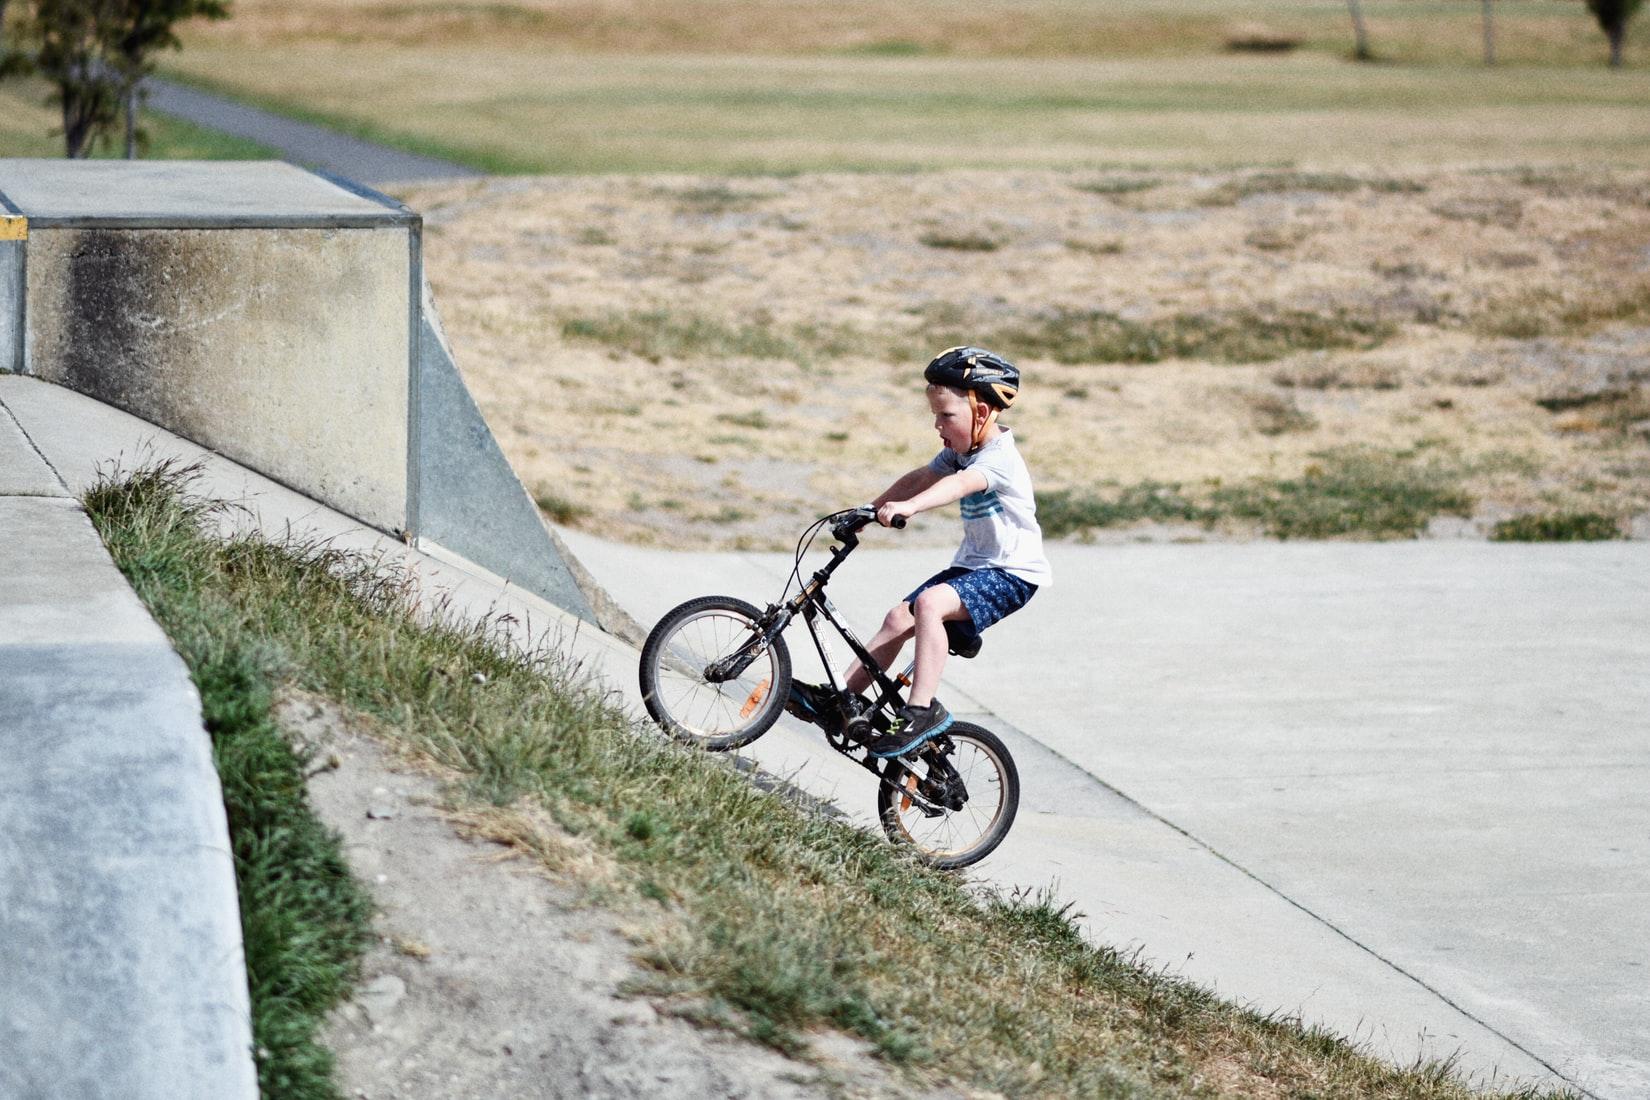 Ребенок катается на велосипеде